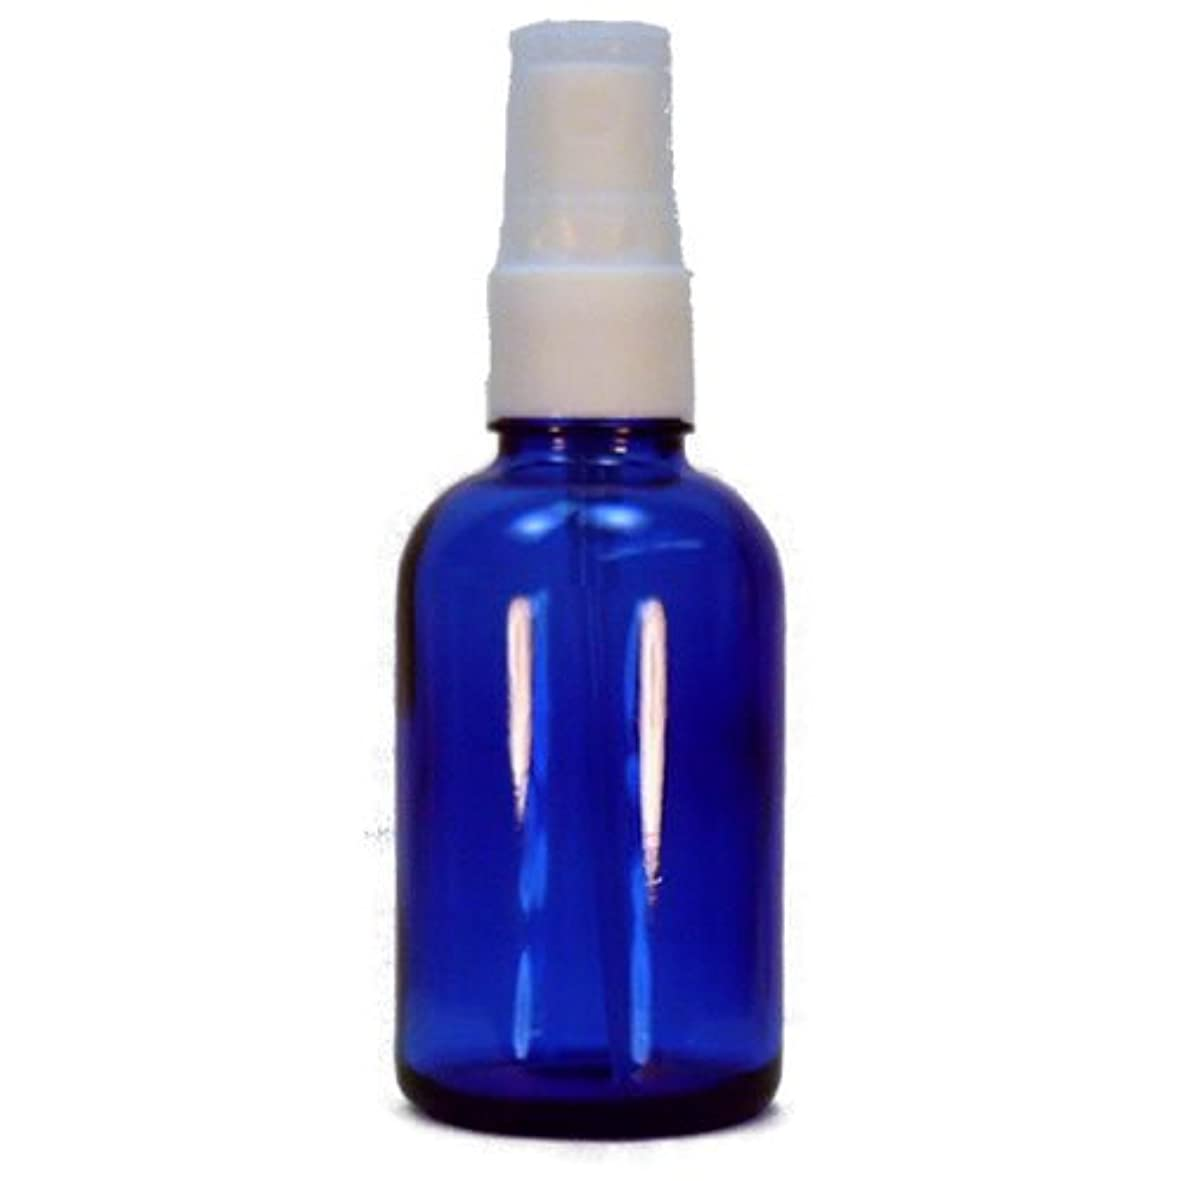 霧払い戻し承認スプレーボトル ブルー 30ml 6本セット